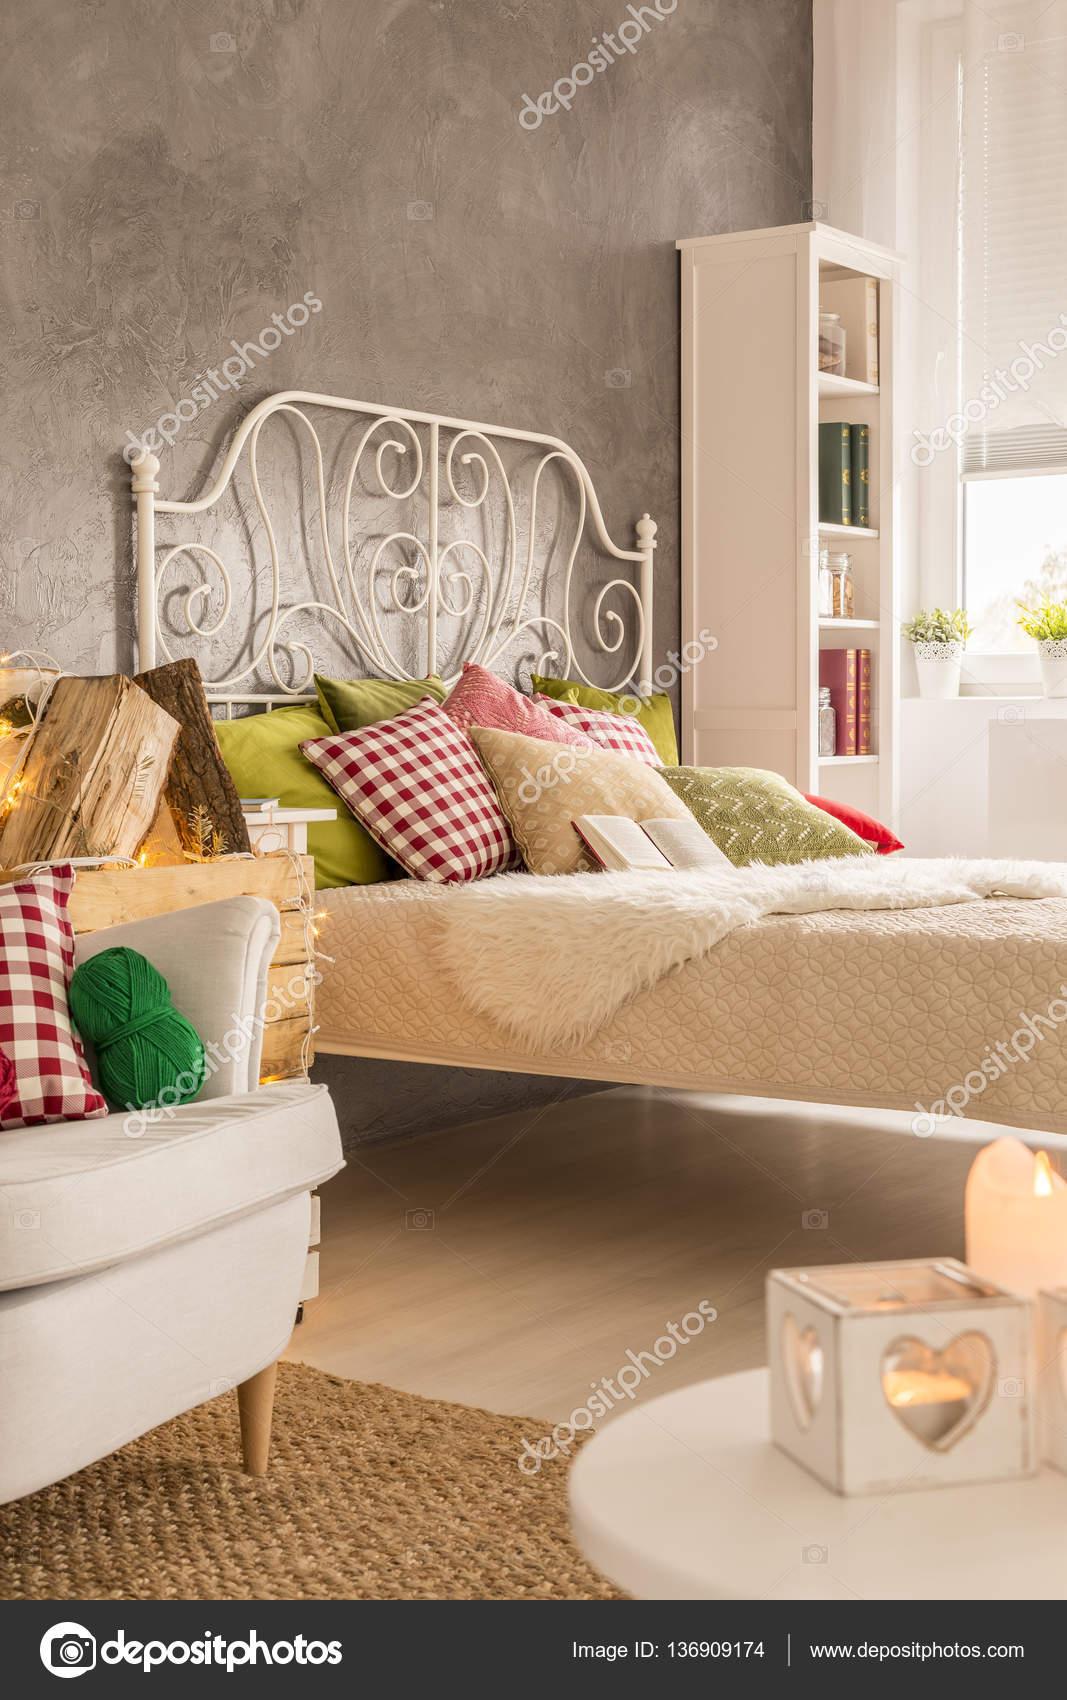 https://st3.depositphotos.com/2249091/13690/i/1600/depositphotos_136909174-stockafbeelding-slaapkamer-met-witte-meubels.jpg